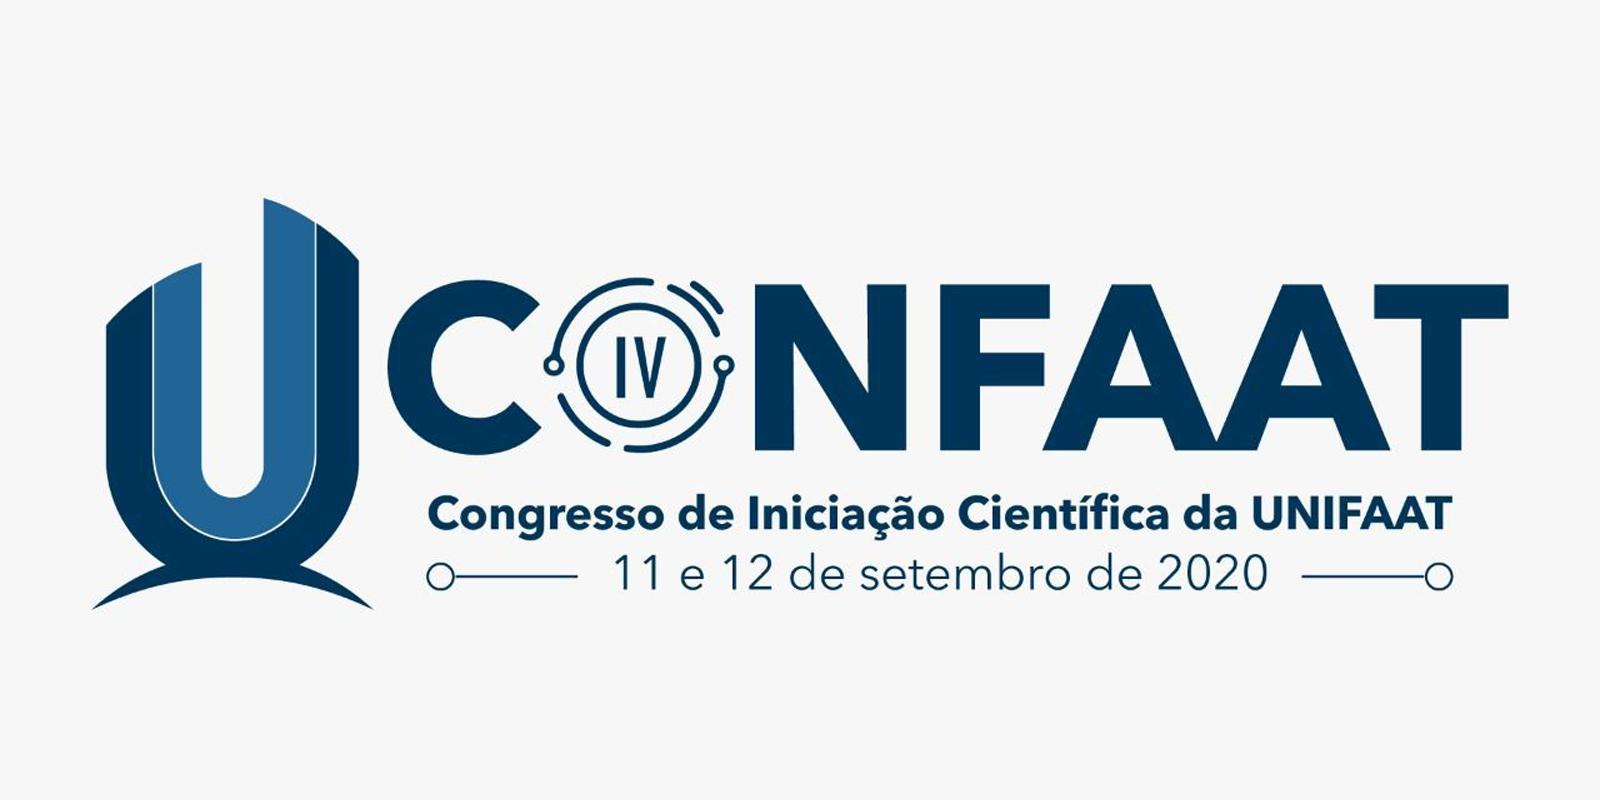 Estão abertas as inscrições para o IV Congresso de Pesquisa e Iniciação Científica da UNIFAAT